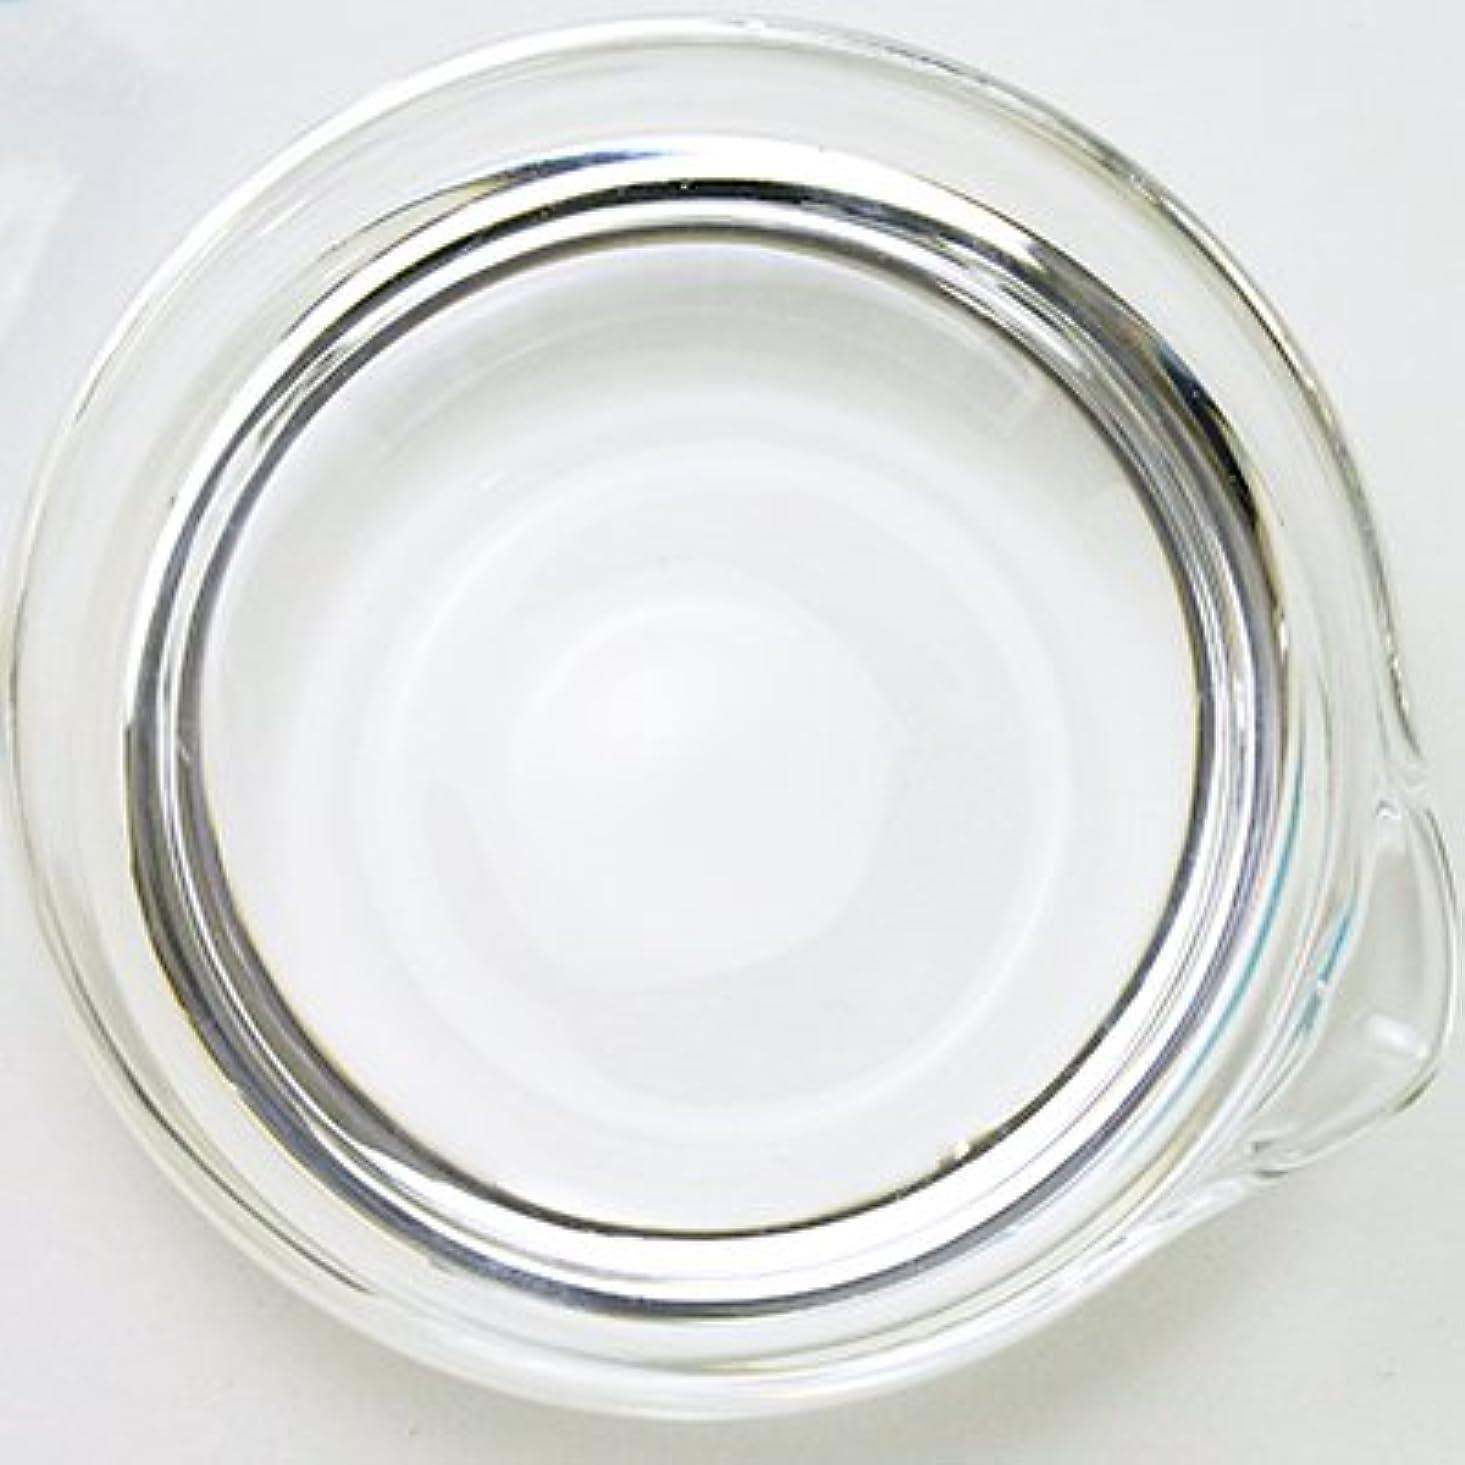 キャッシュラベンダー残り物ホワイトオリーブオイル [吸着精製オリーブオイル] 1L 【手作り石鹸/手作りコスメ/ピュアオリーブオイル】